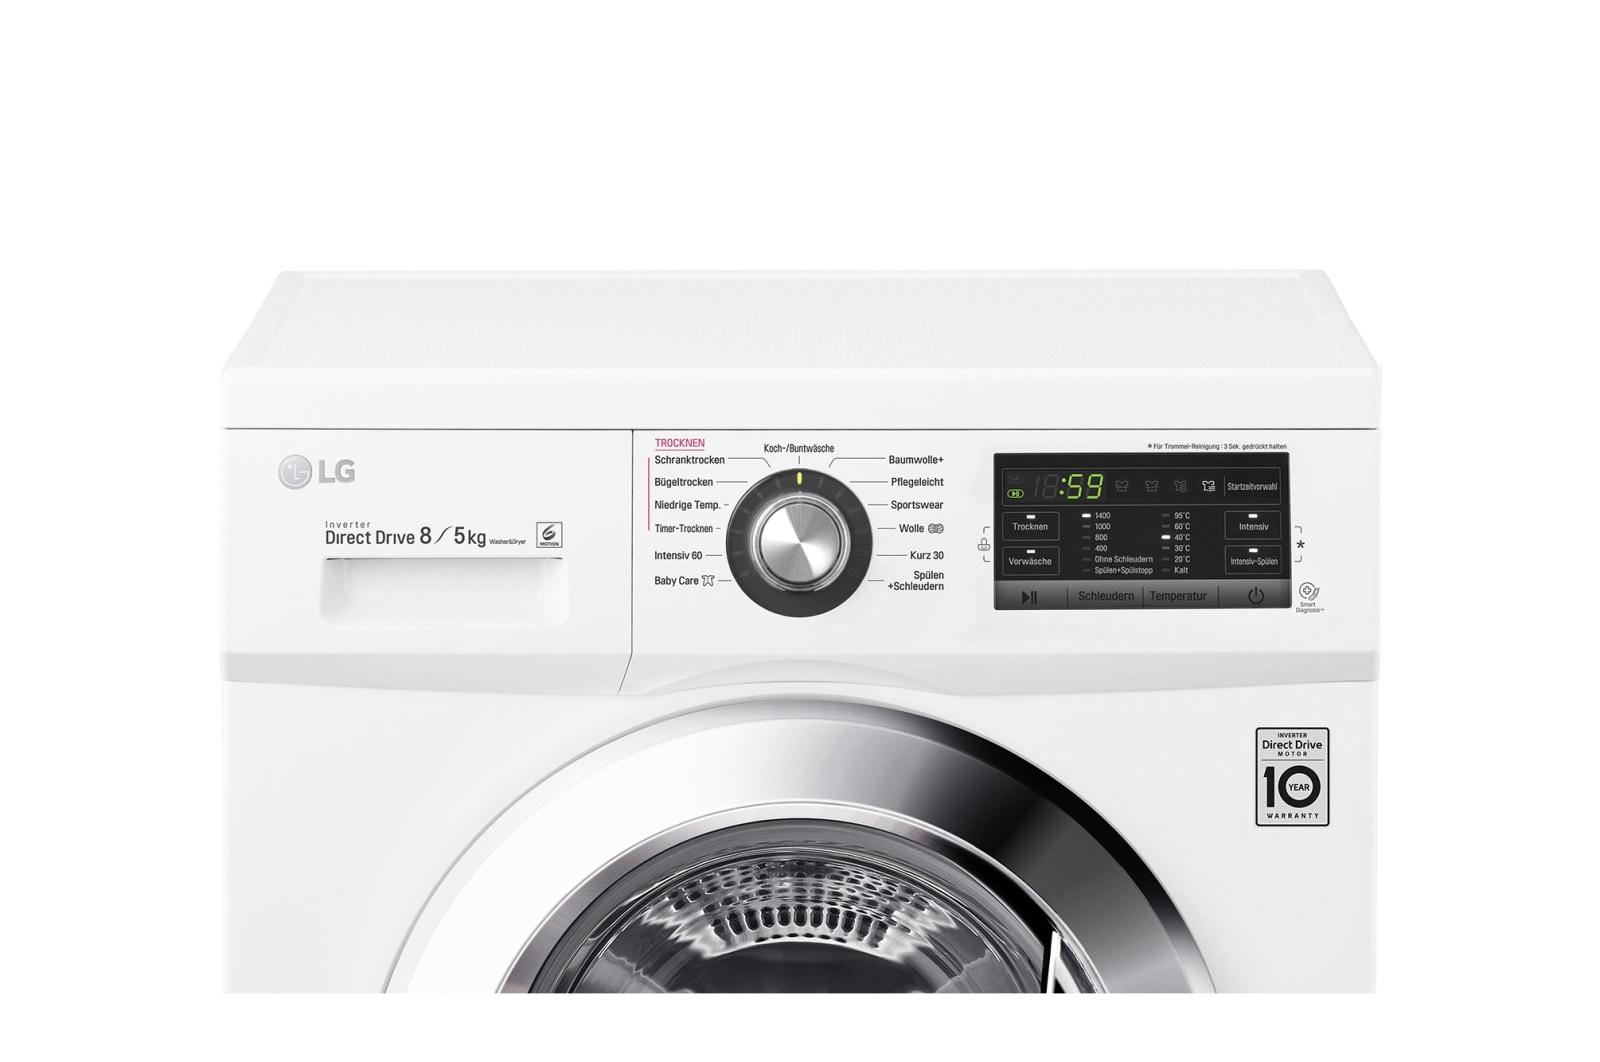 Lg waschtrockner mit 6 motion directdrive™ technologie. 8 kg waschen